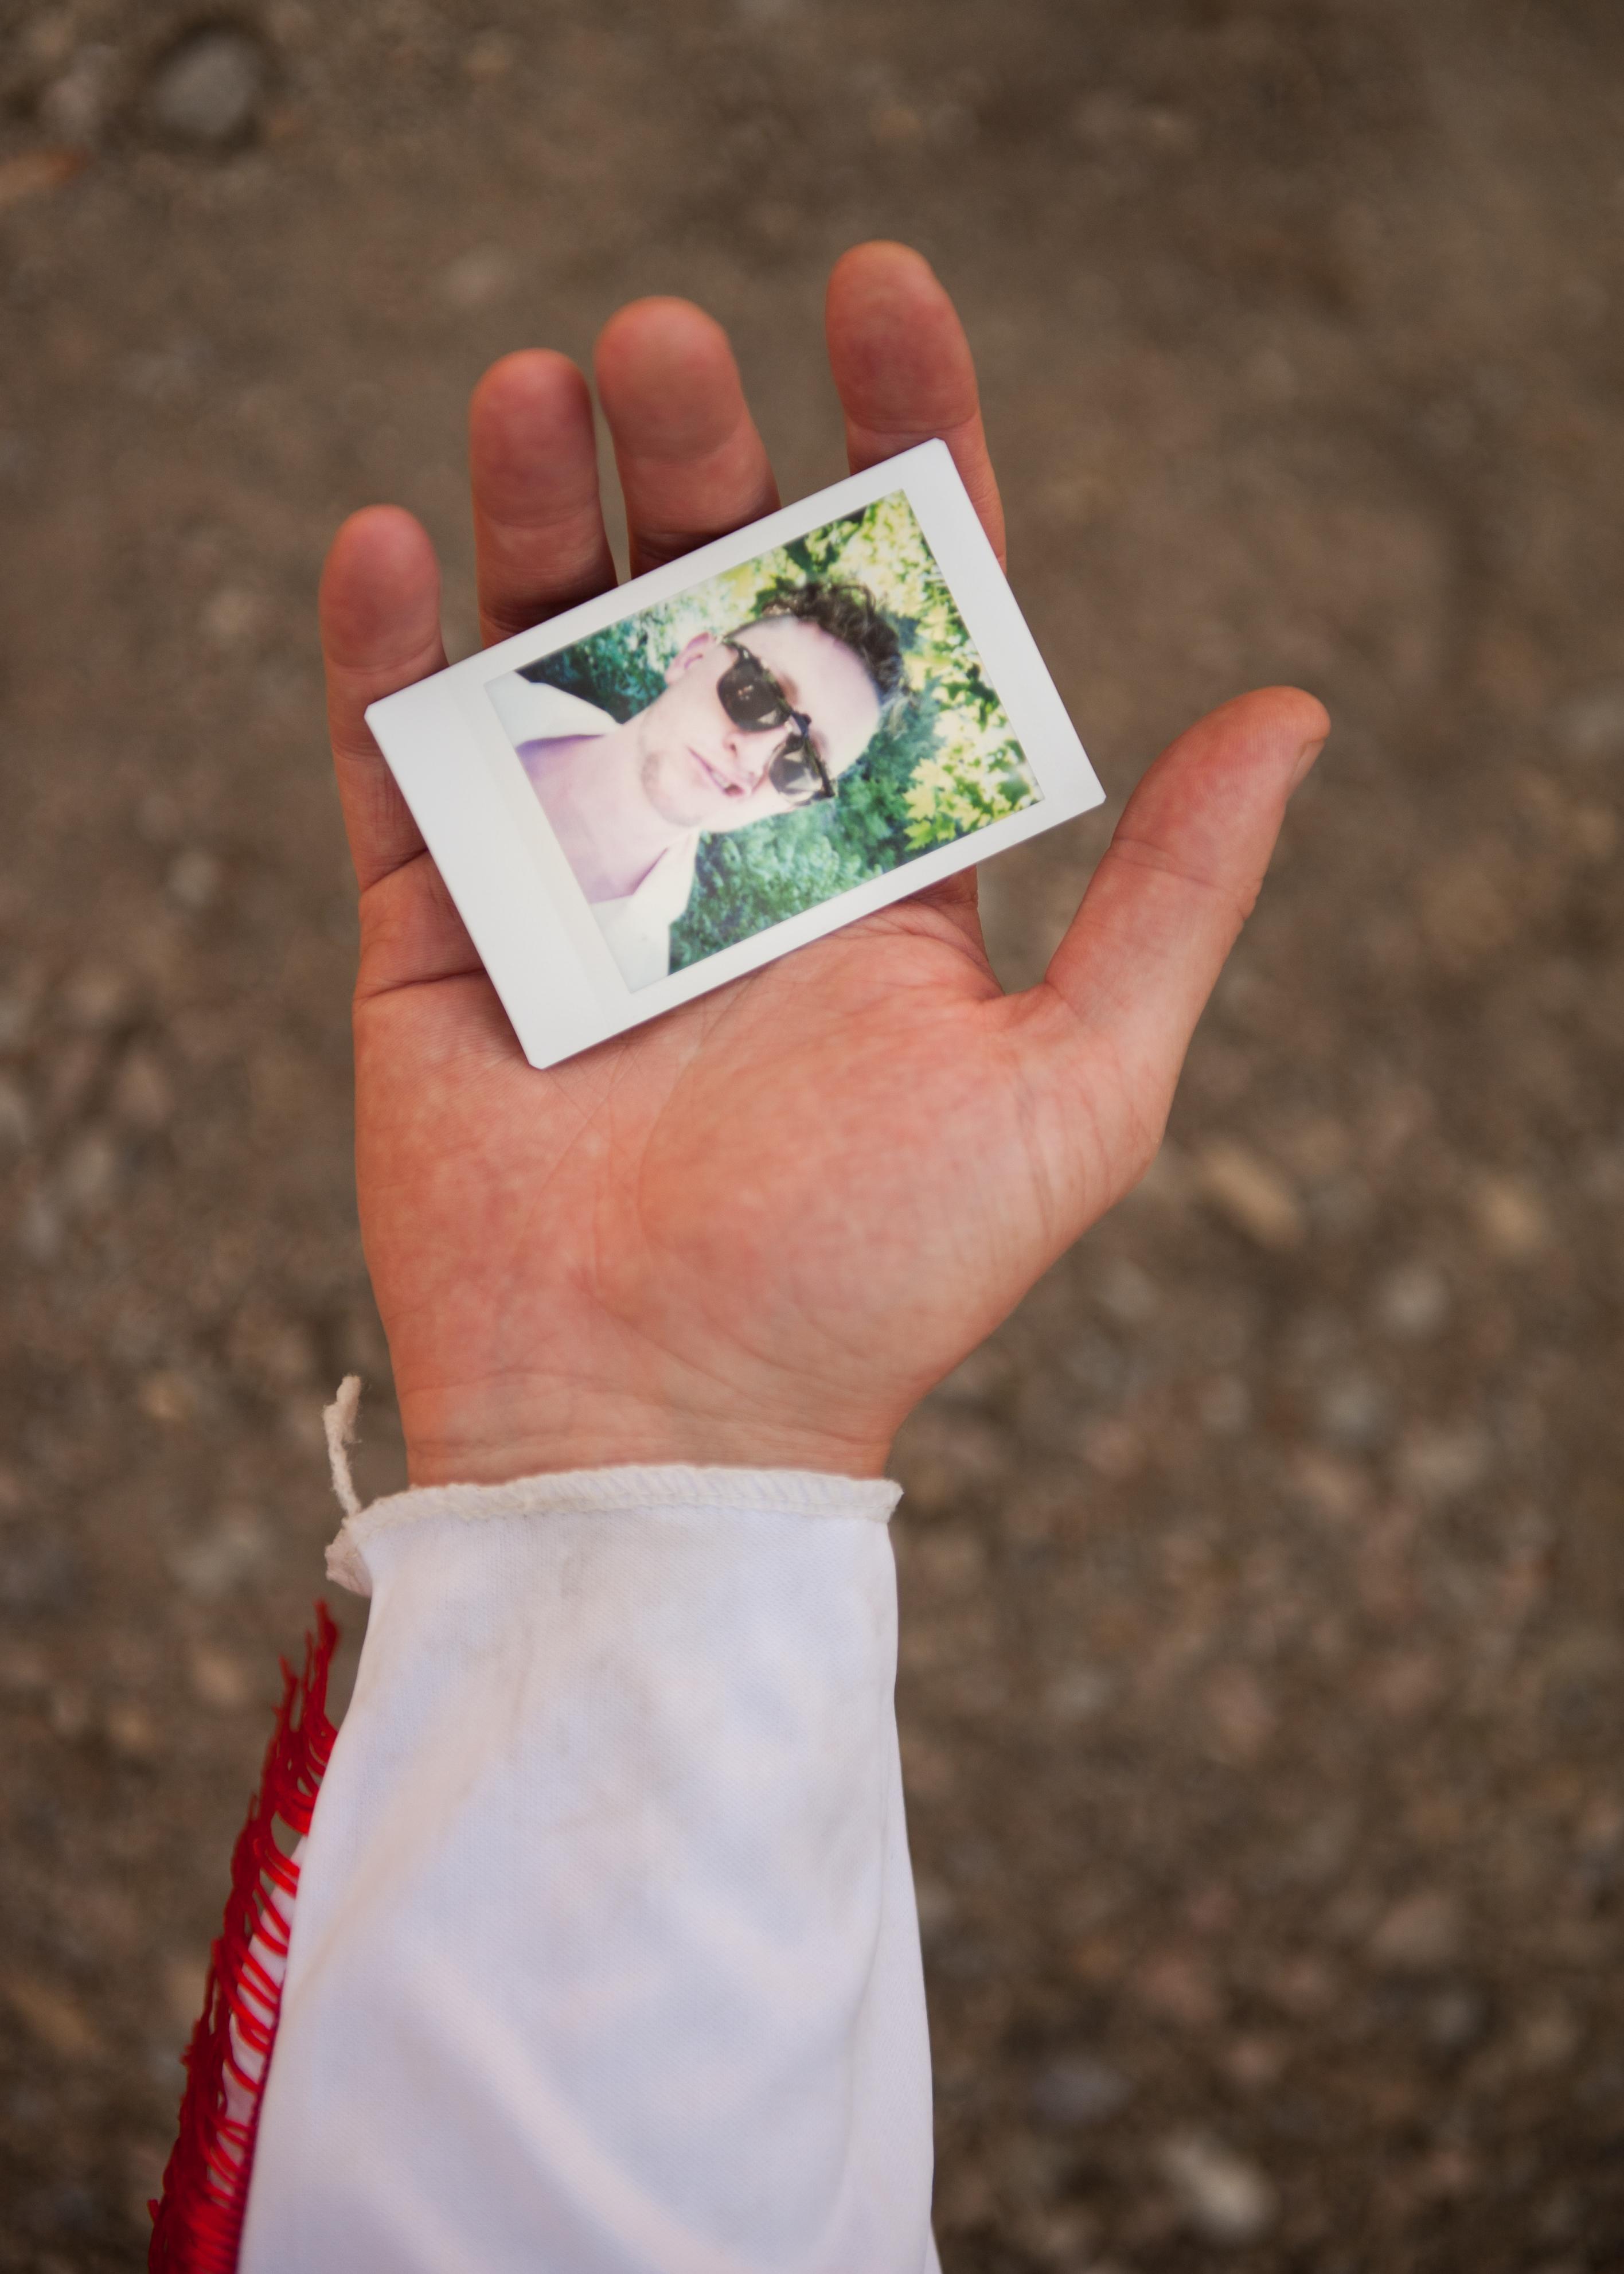 Olivier Bourget portrait dans la main-47